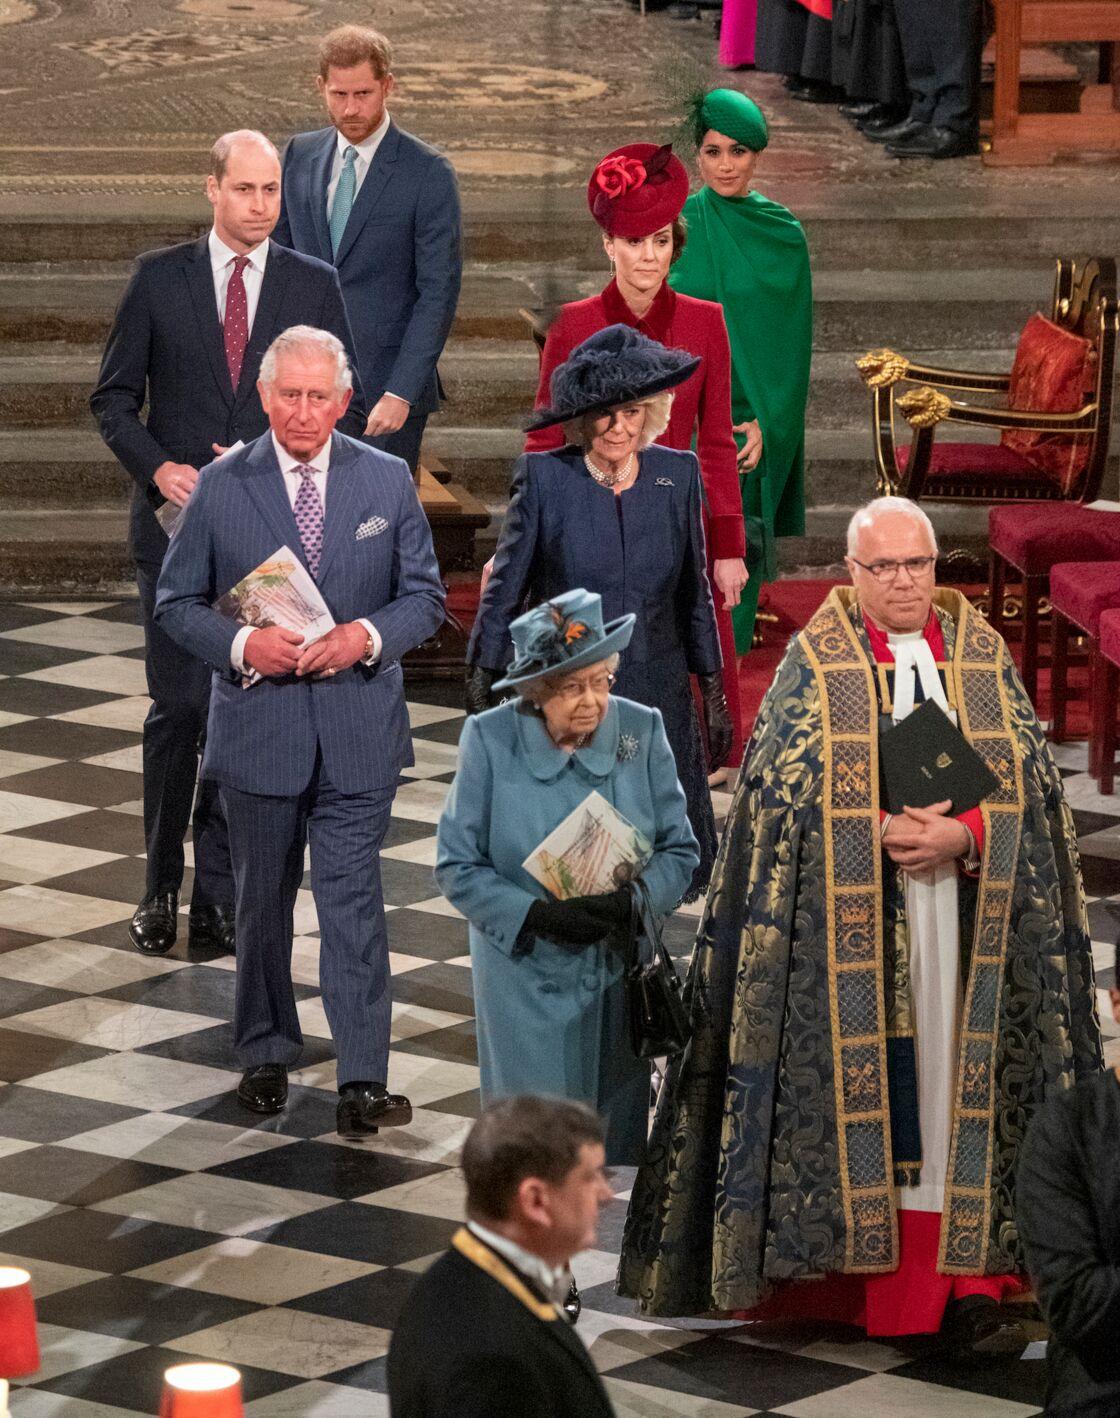 Harry et Meghan en procession derrière la reine, Charles et Camilla, Kate et William, à la fin du service célébrant le Commonwealth, à Westminster, le 9 mars 2020.